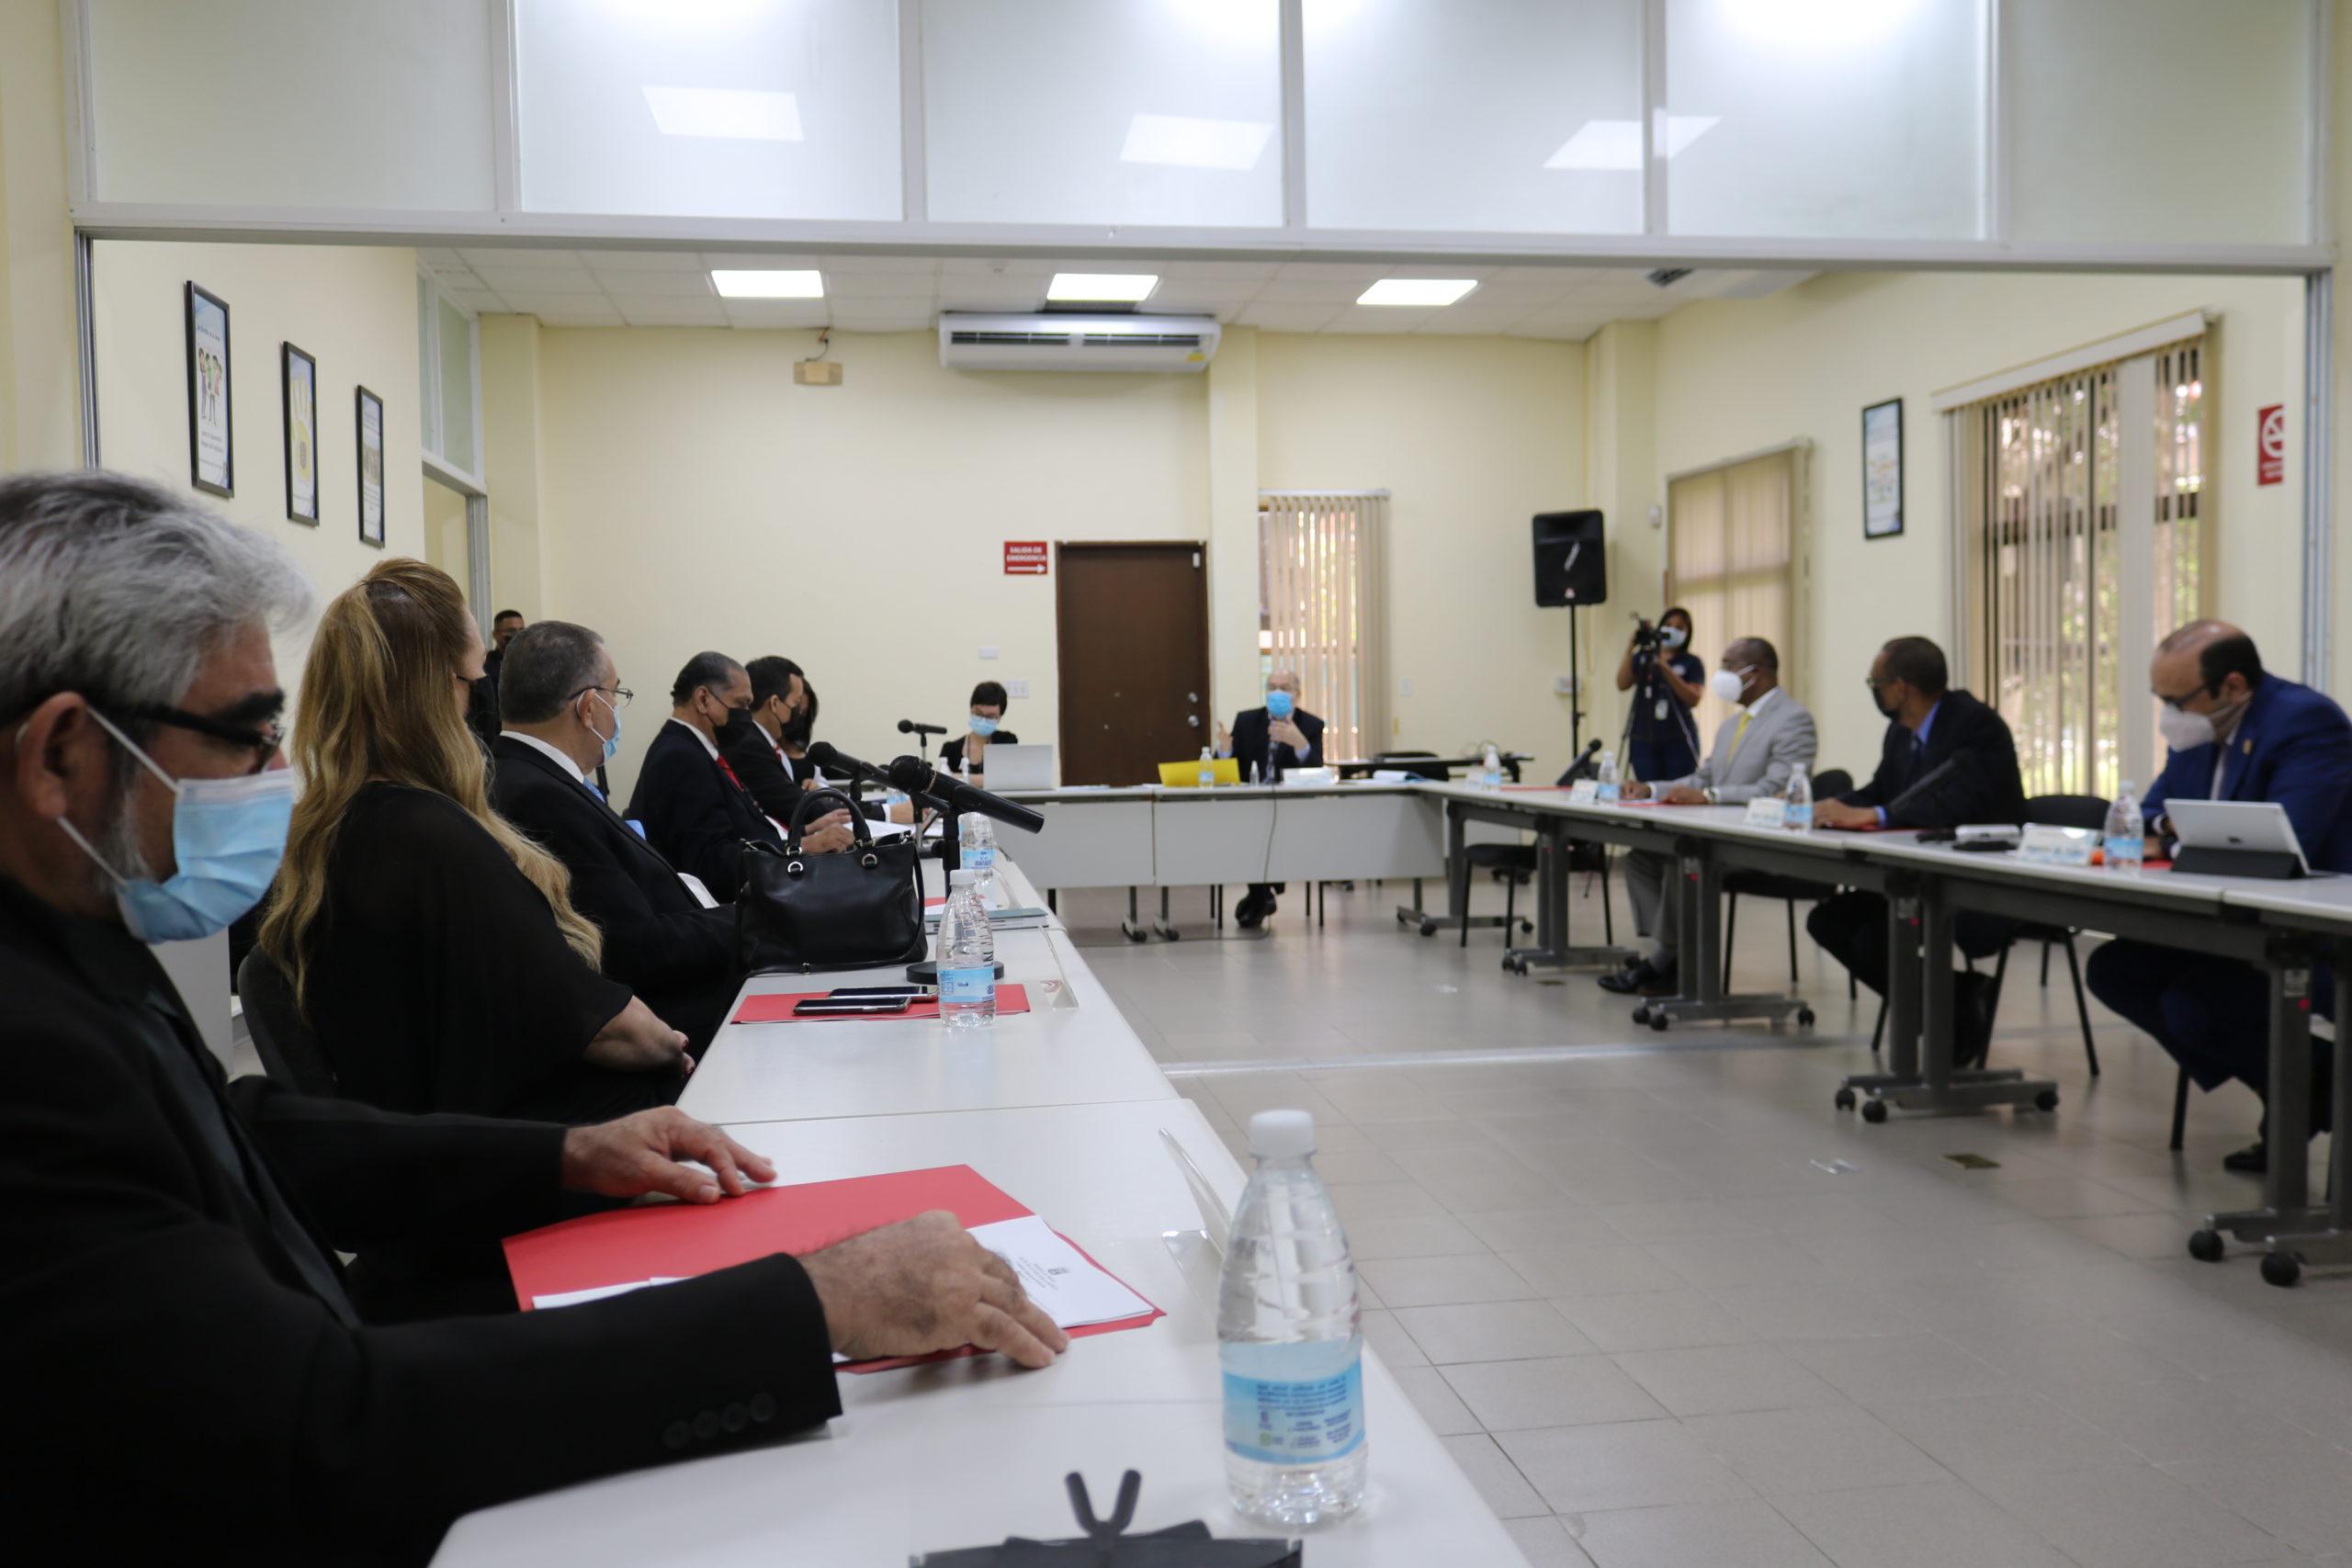 Inicia plazo de recepción de documentación para personas interesadas en ocupar cargos de magistraturas principales y suplentes de la Corte Suprema de Justicia